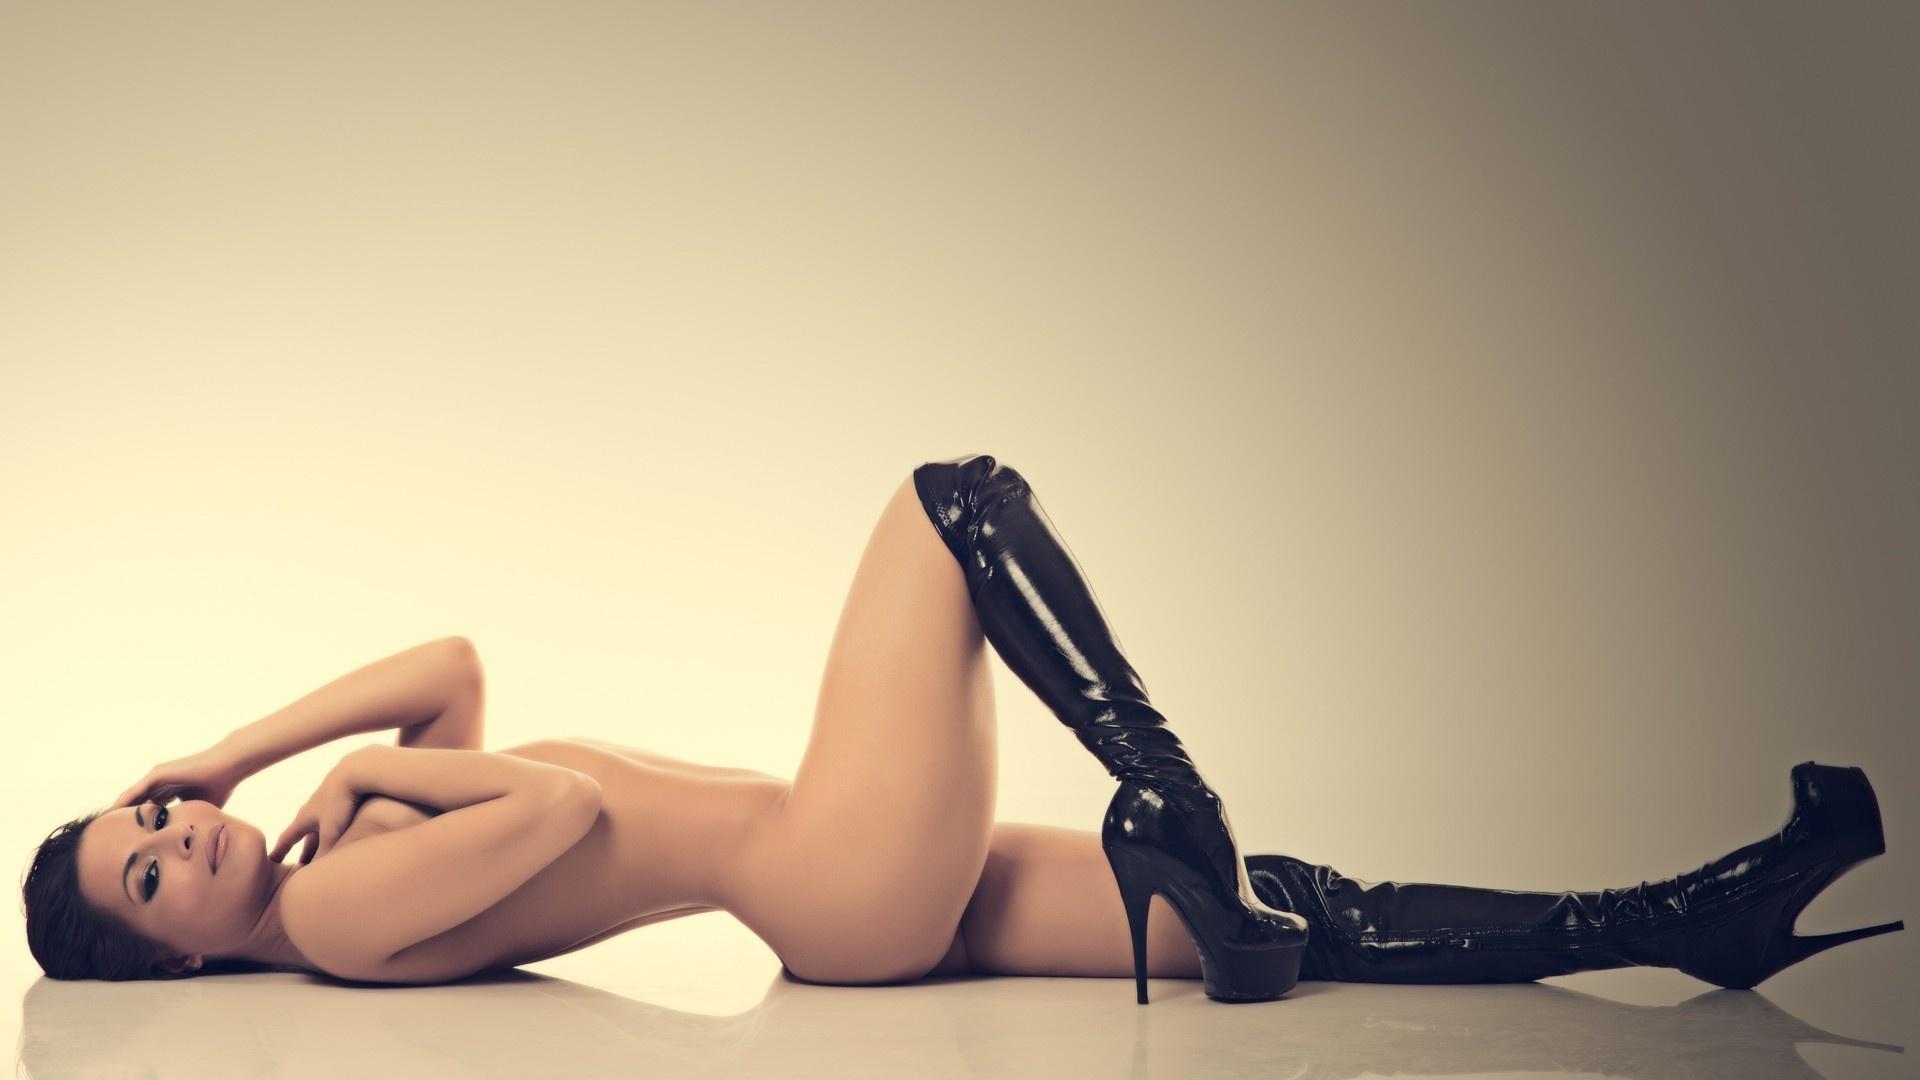 Jessica simpson nude sex